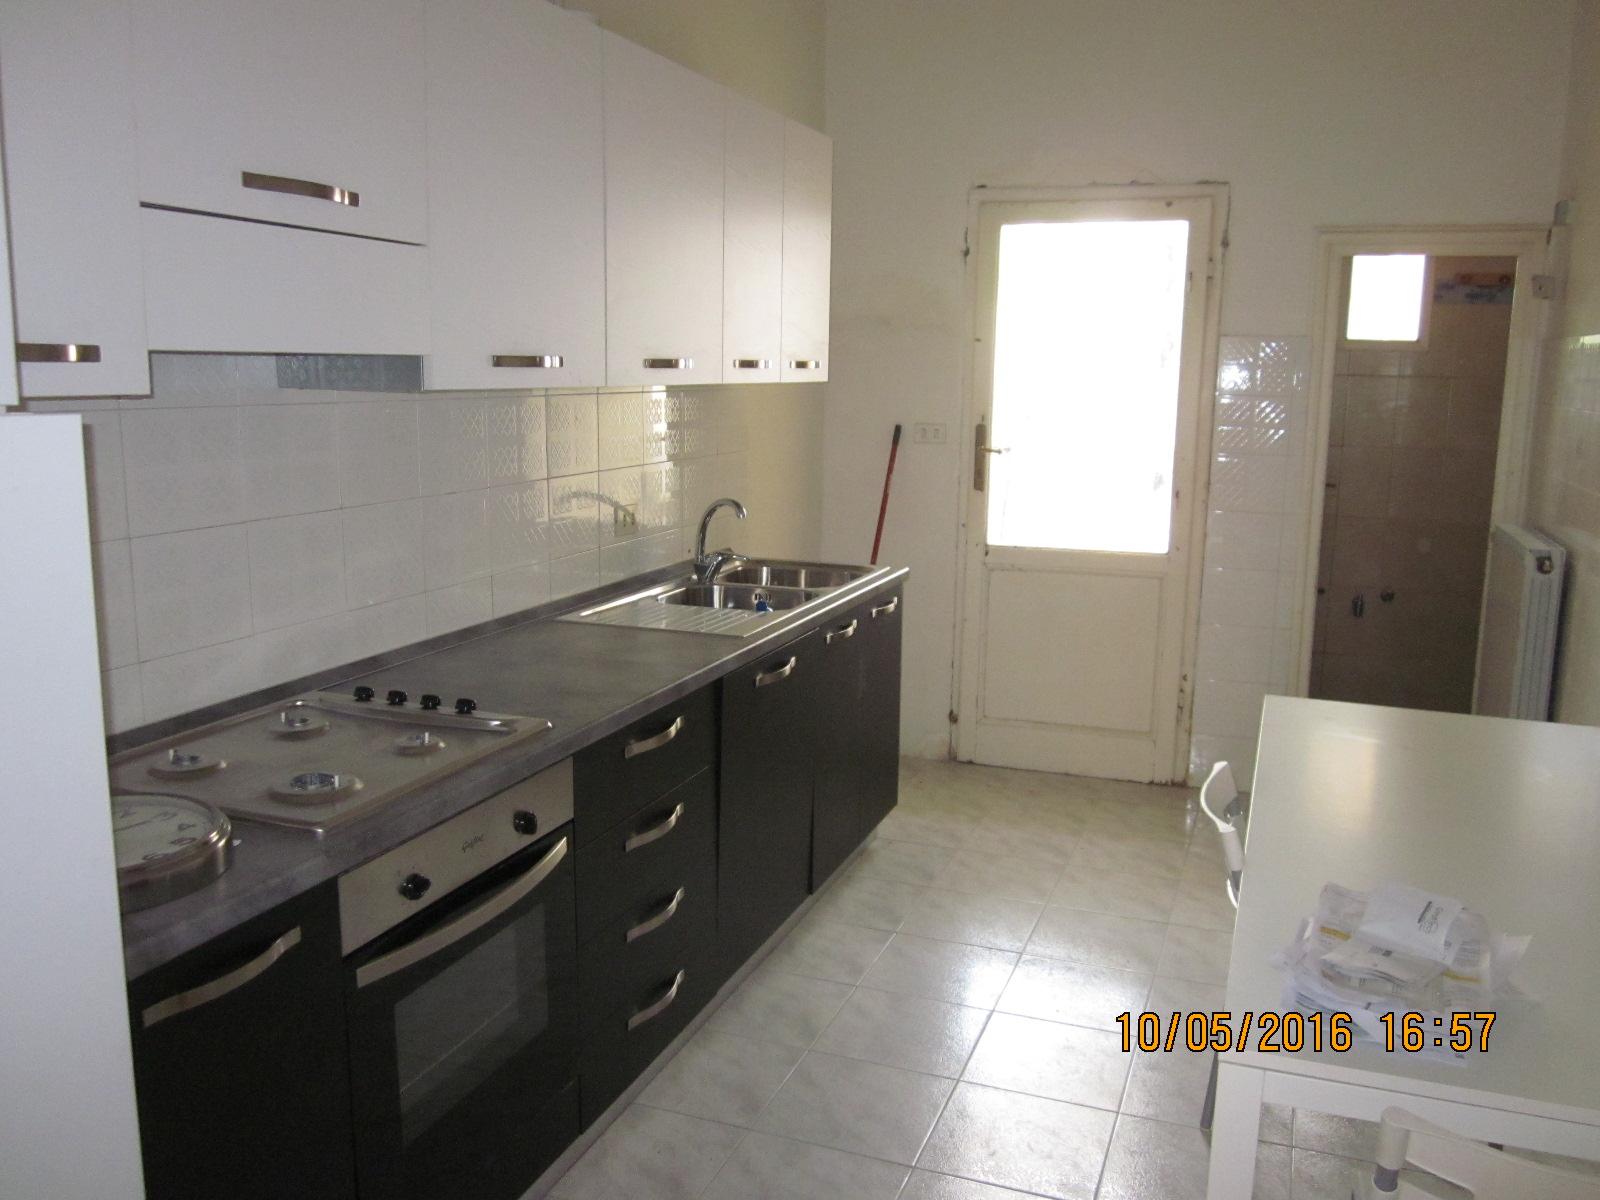 Soluzione Indipendente in vendita a Viareggio, 4 locali, zona Località: Centro, prezzo € 250.000   Cambio Casa.it